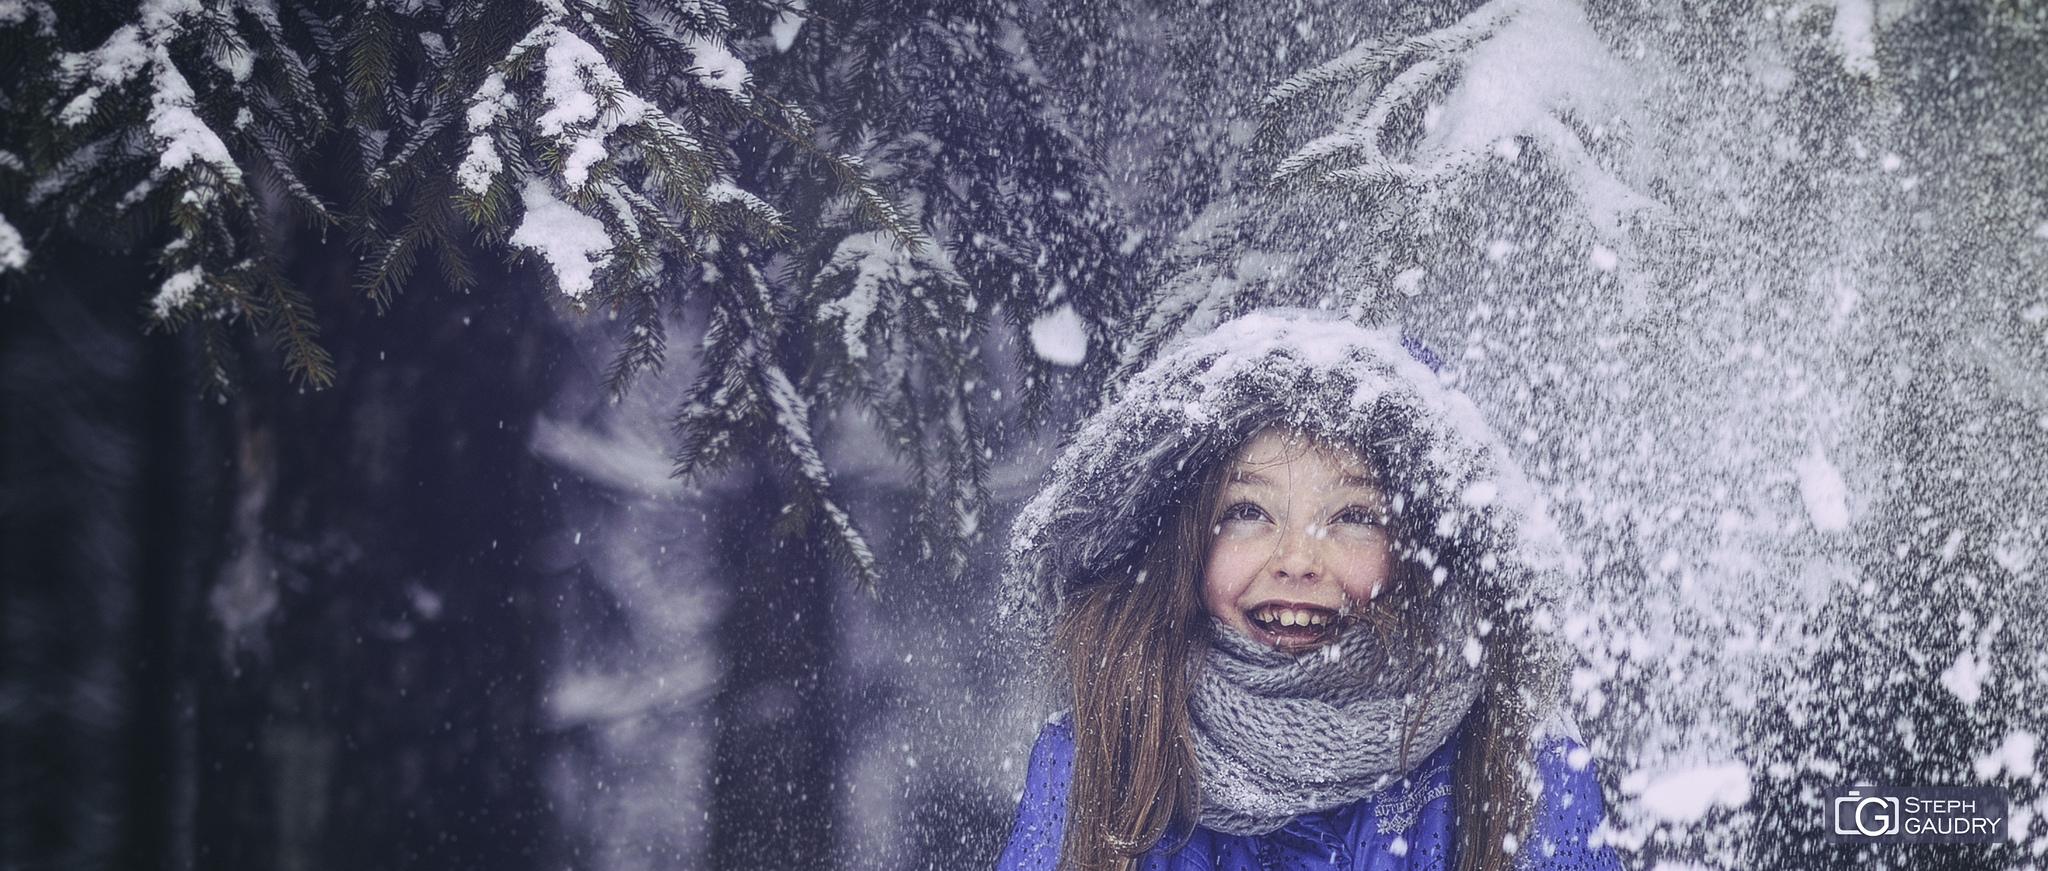 Les joies de la neige [Click to start slideshow]